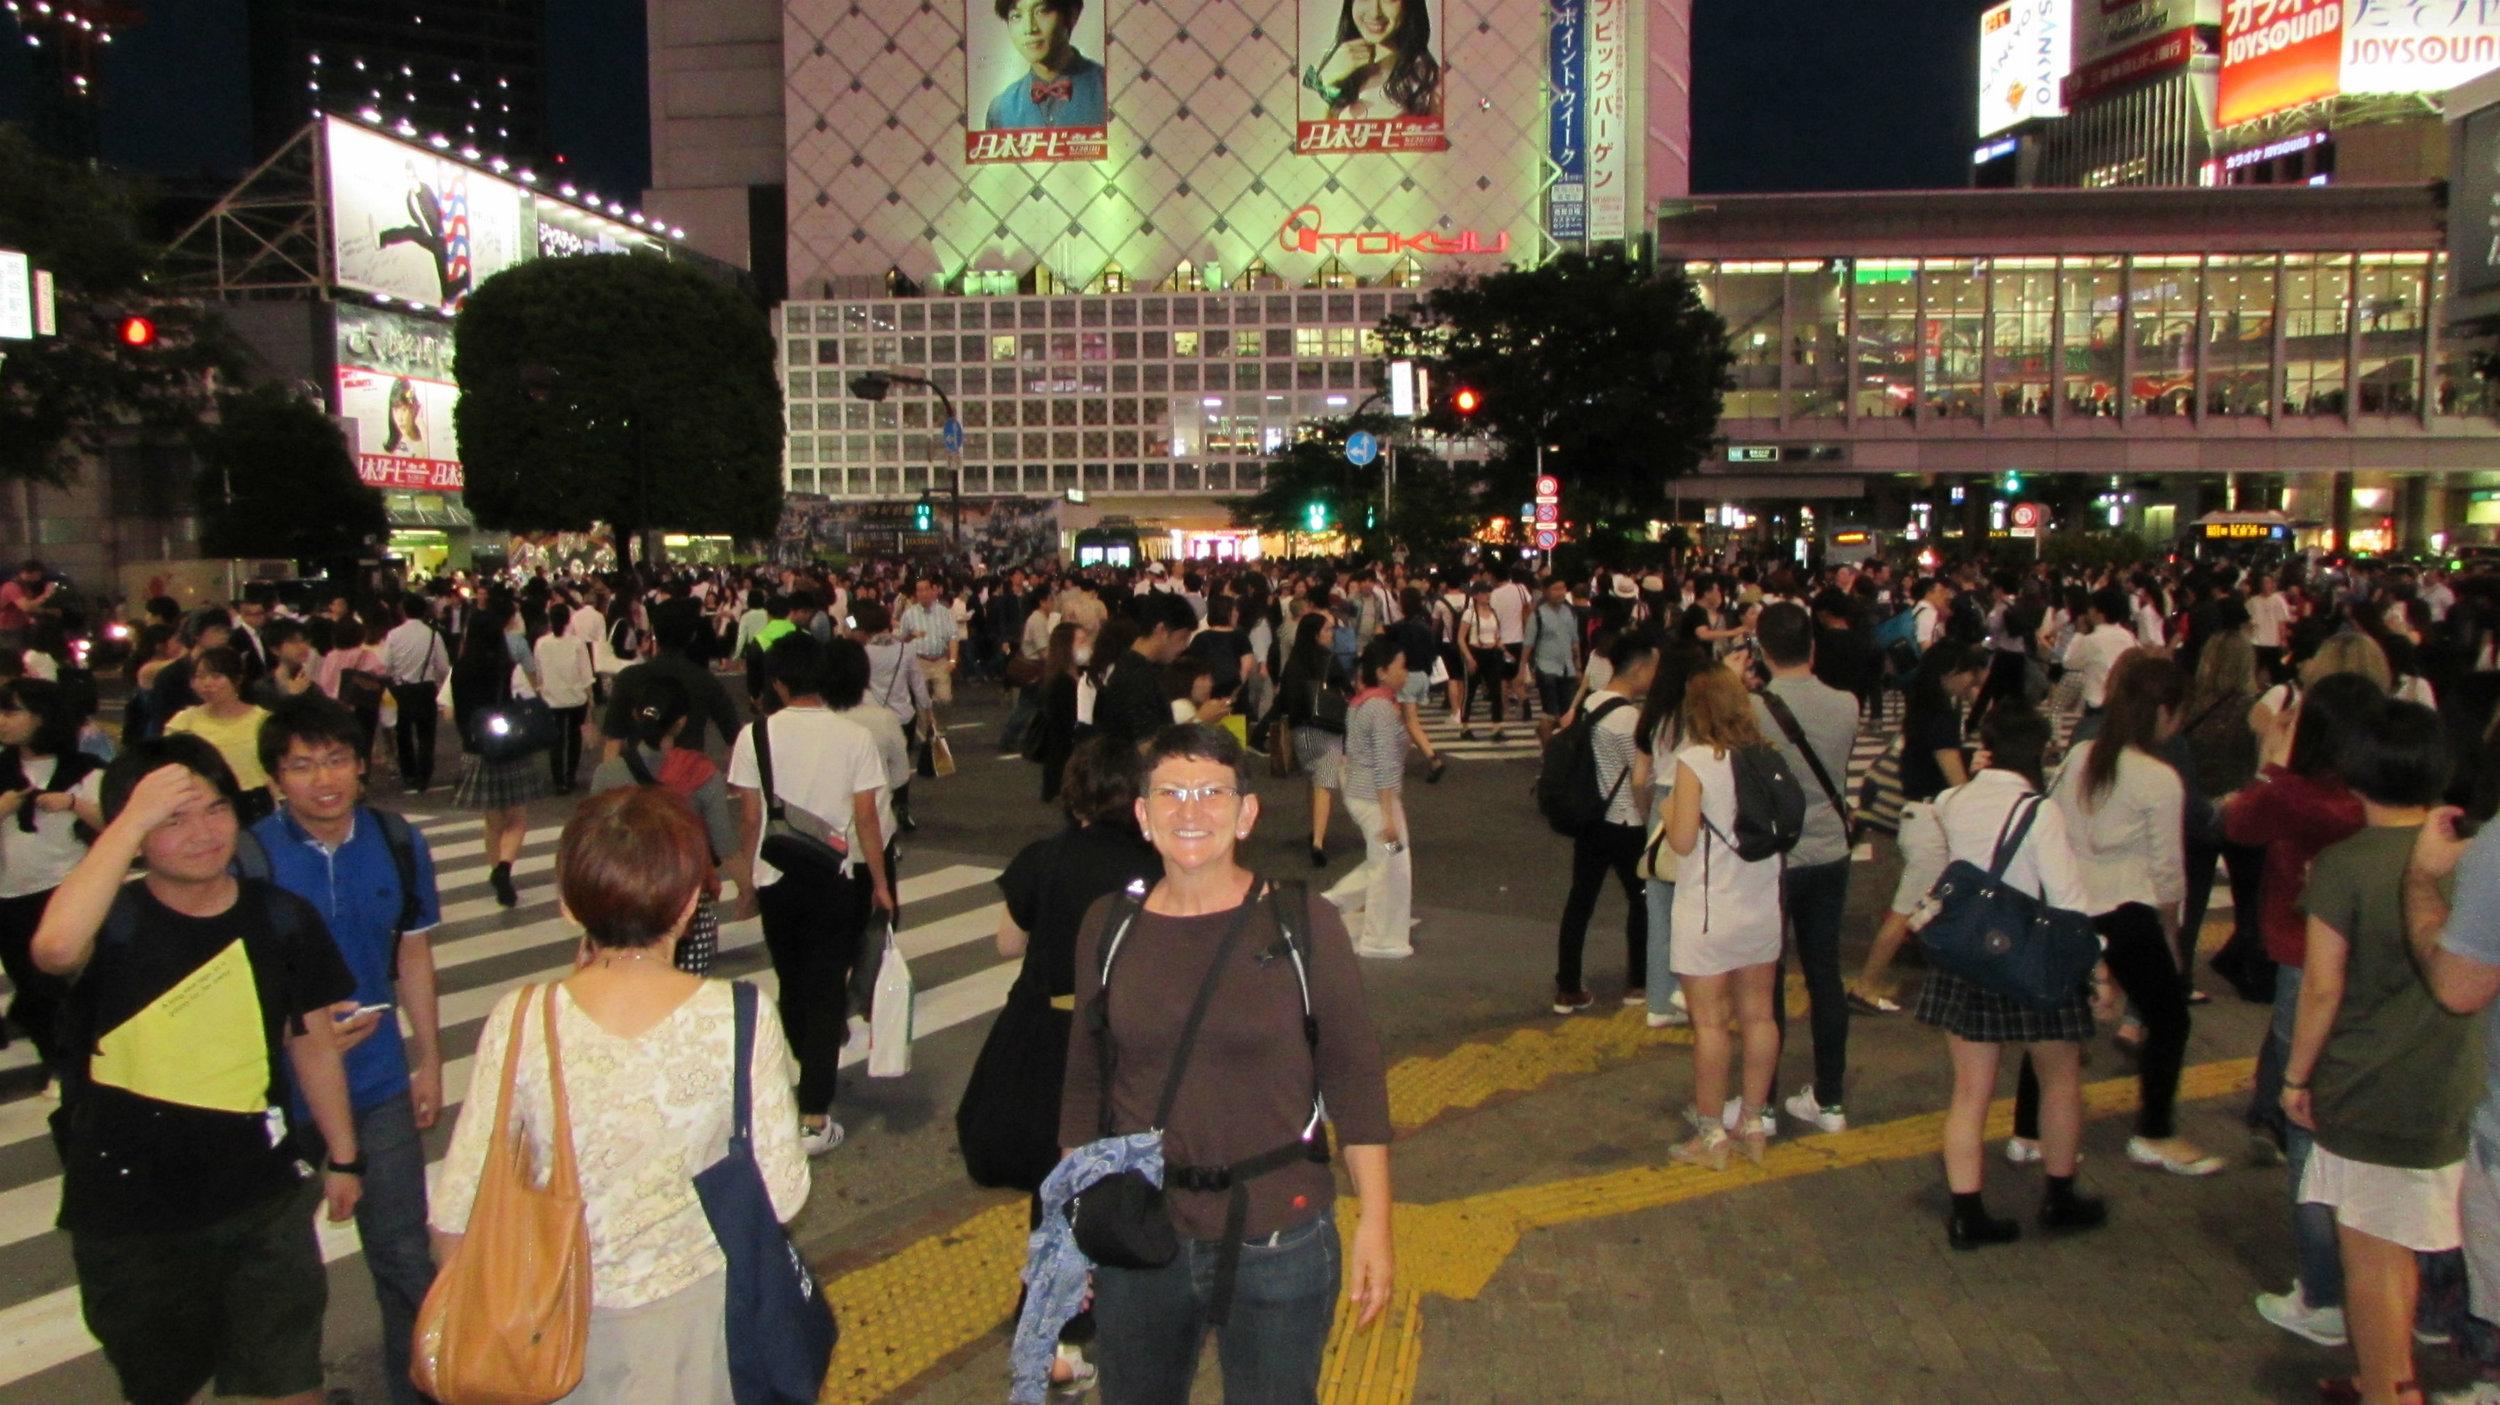 Shubija pedestrian crossing at night